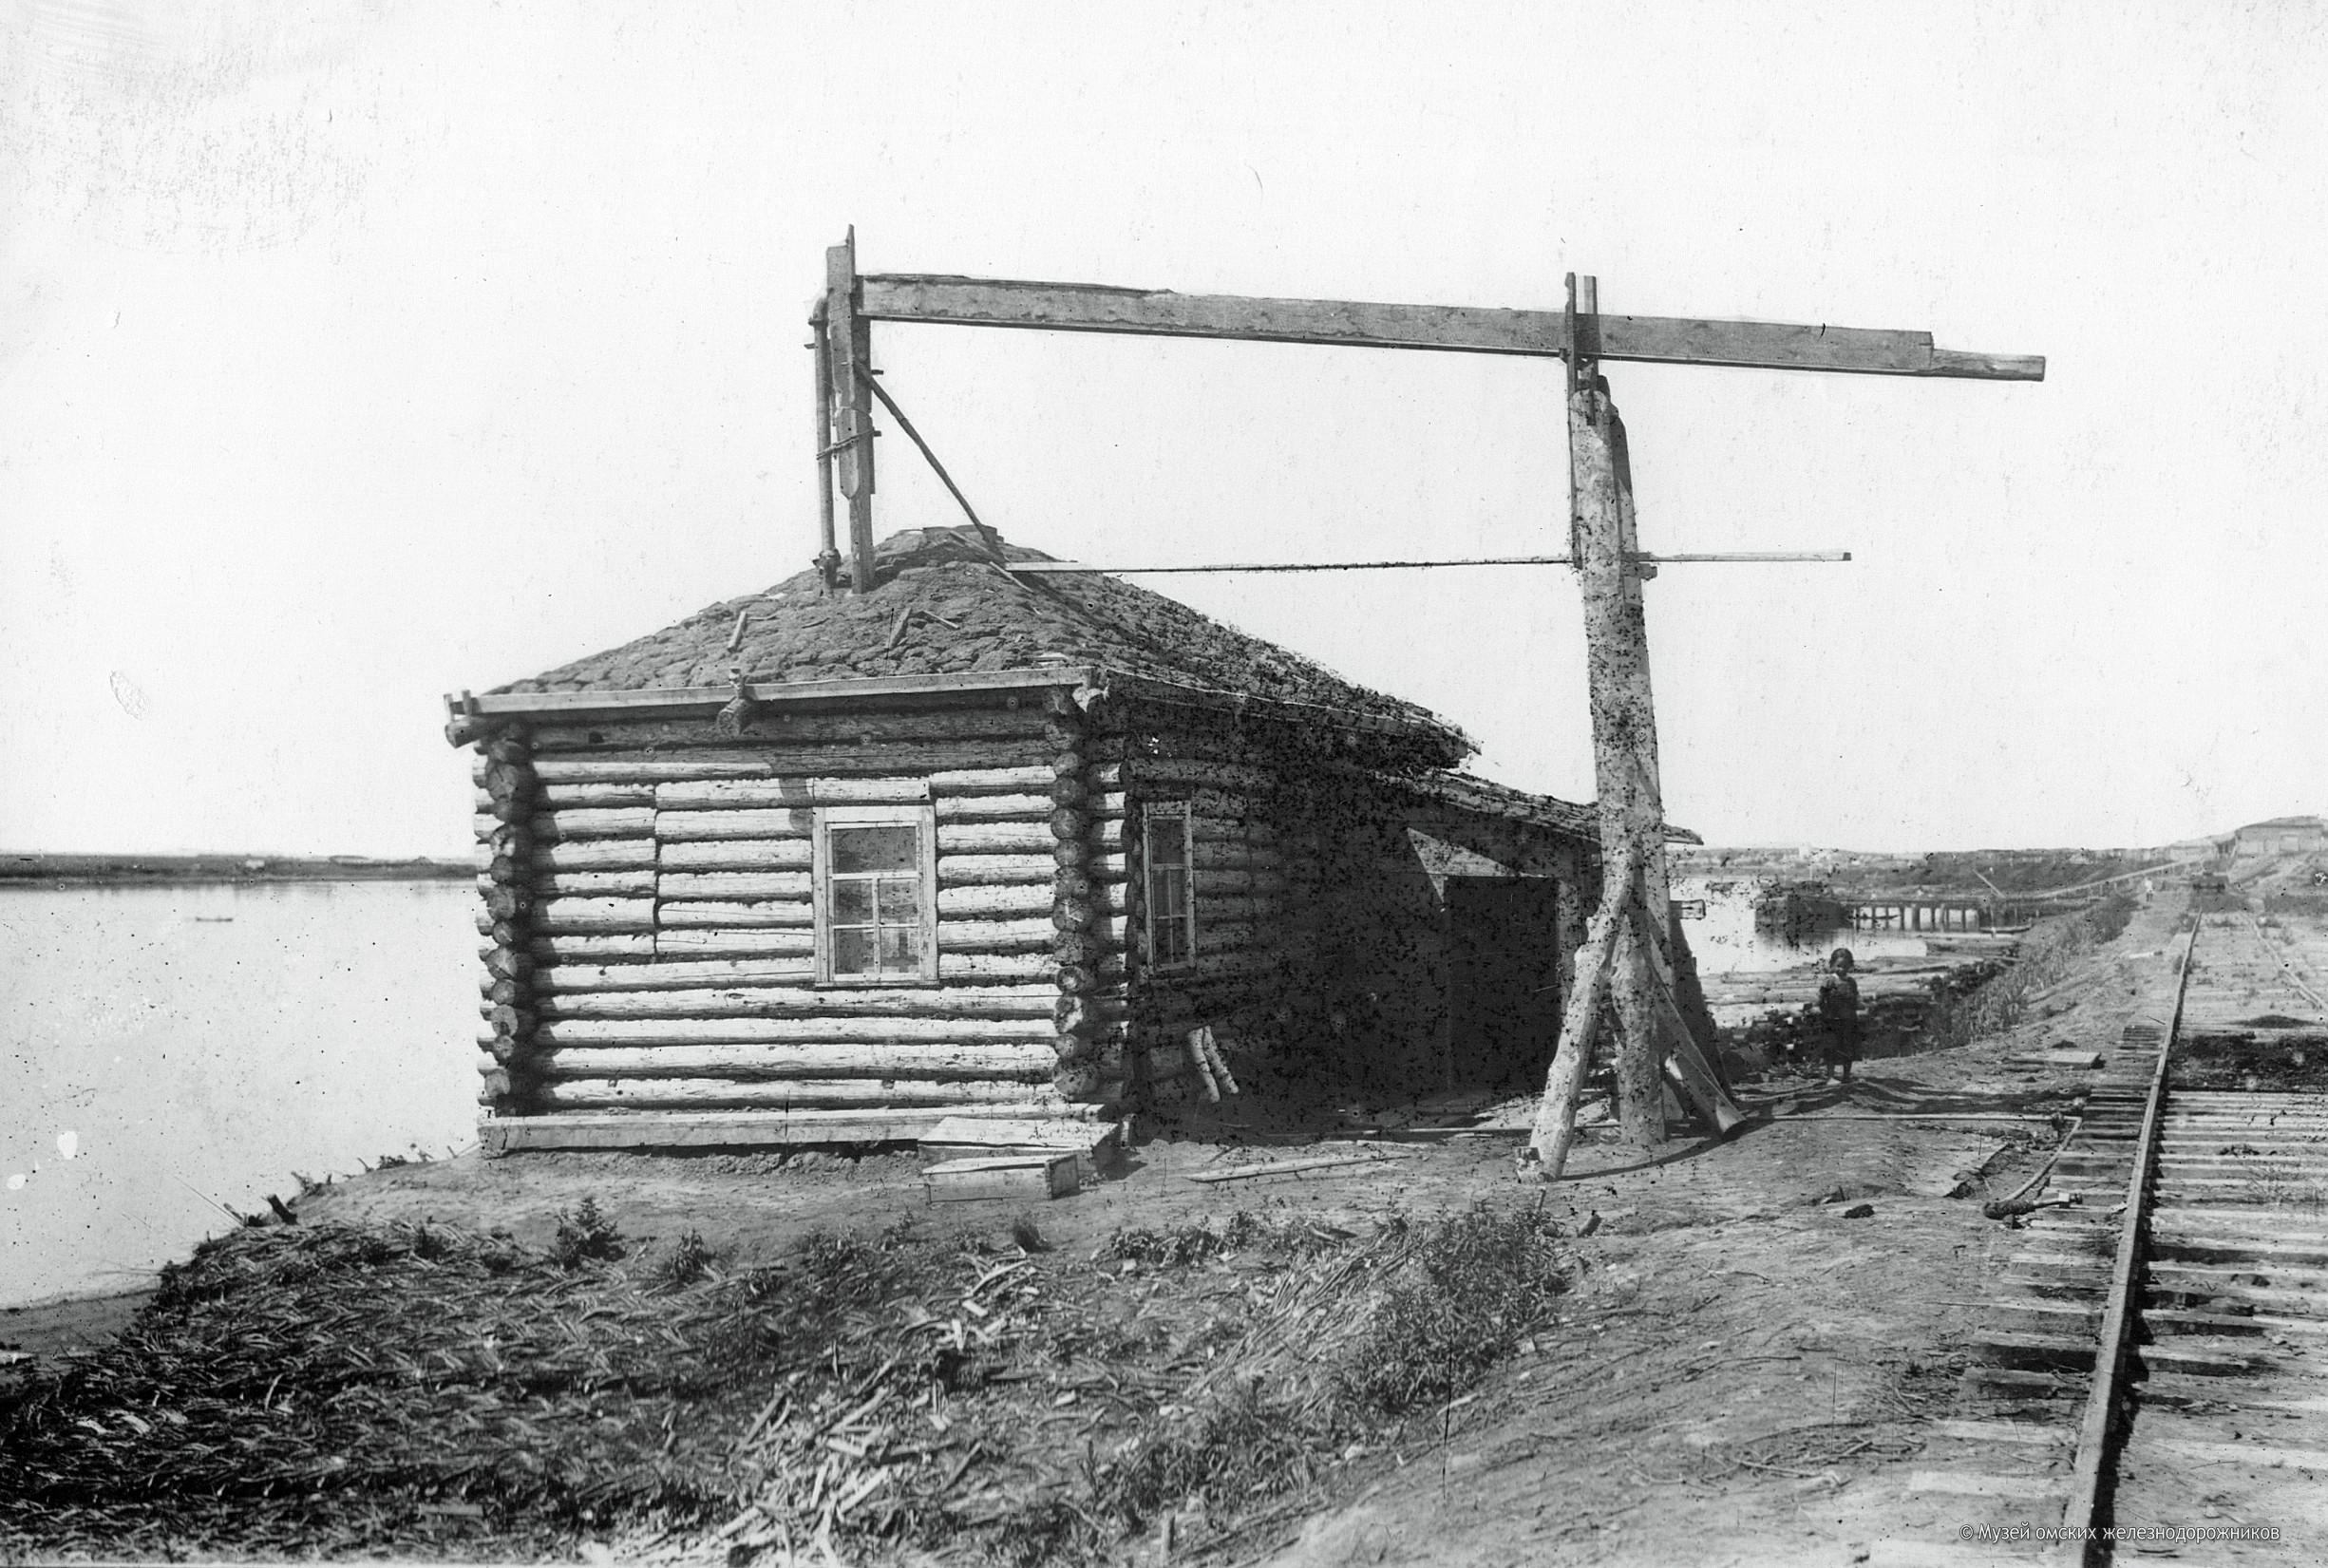 1895. Временная водокачка для заправки водой паровозов